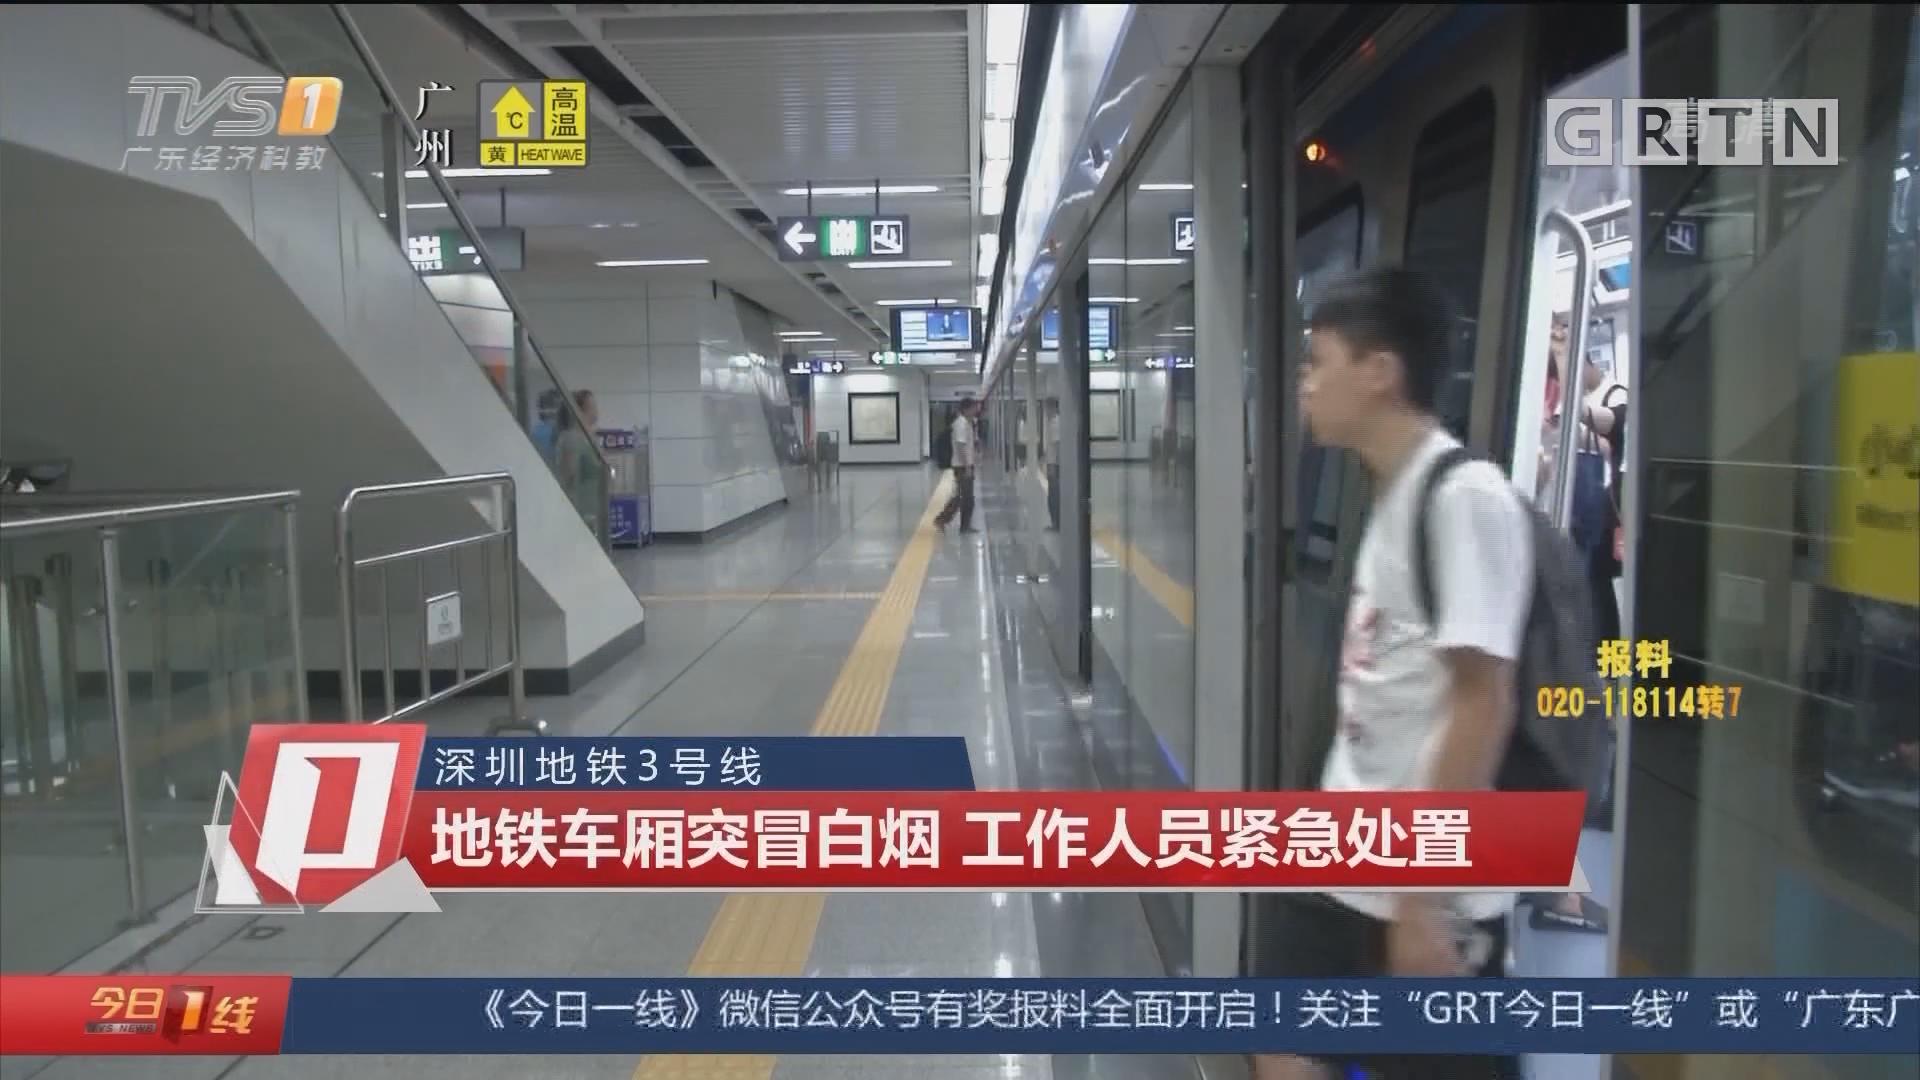 深圳地铁3号线:地铁车厢突冒白烟 工作人员紧急处置